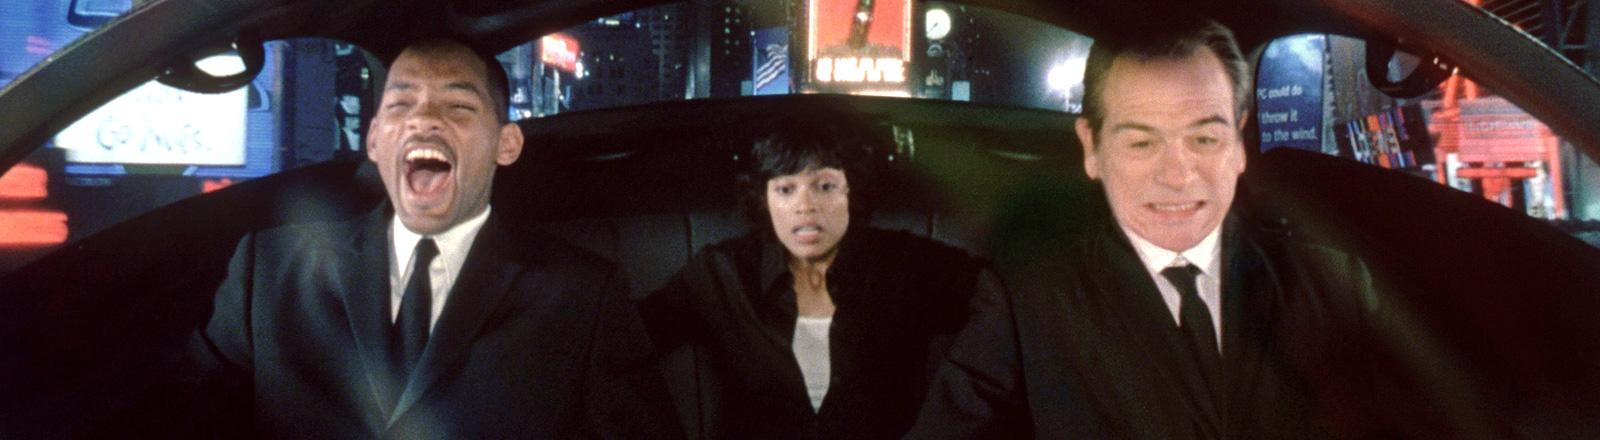 Die Schauspieler Smith, Lee Jones und Dawson sitzen, in einer Filmszene aus Men in Black, in einem futuristischen Auto und schauen panisch; Bild: dpa